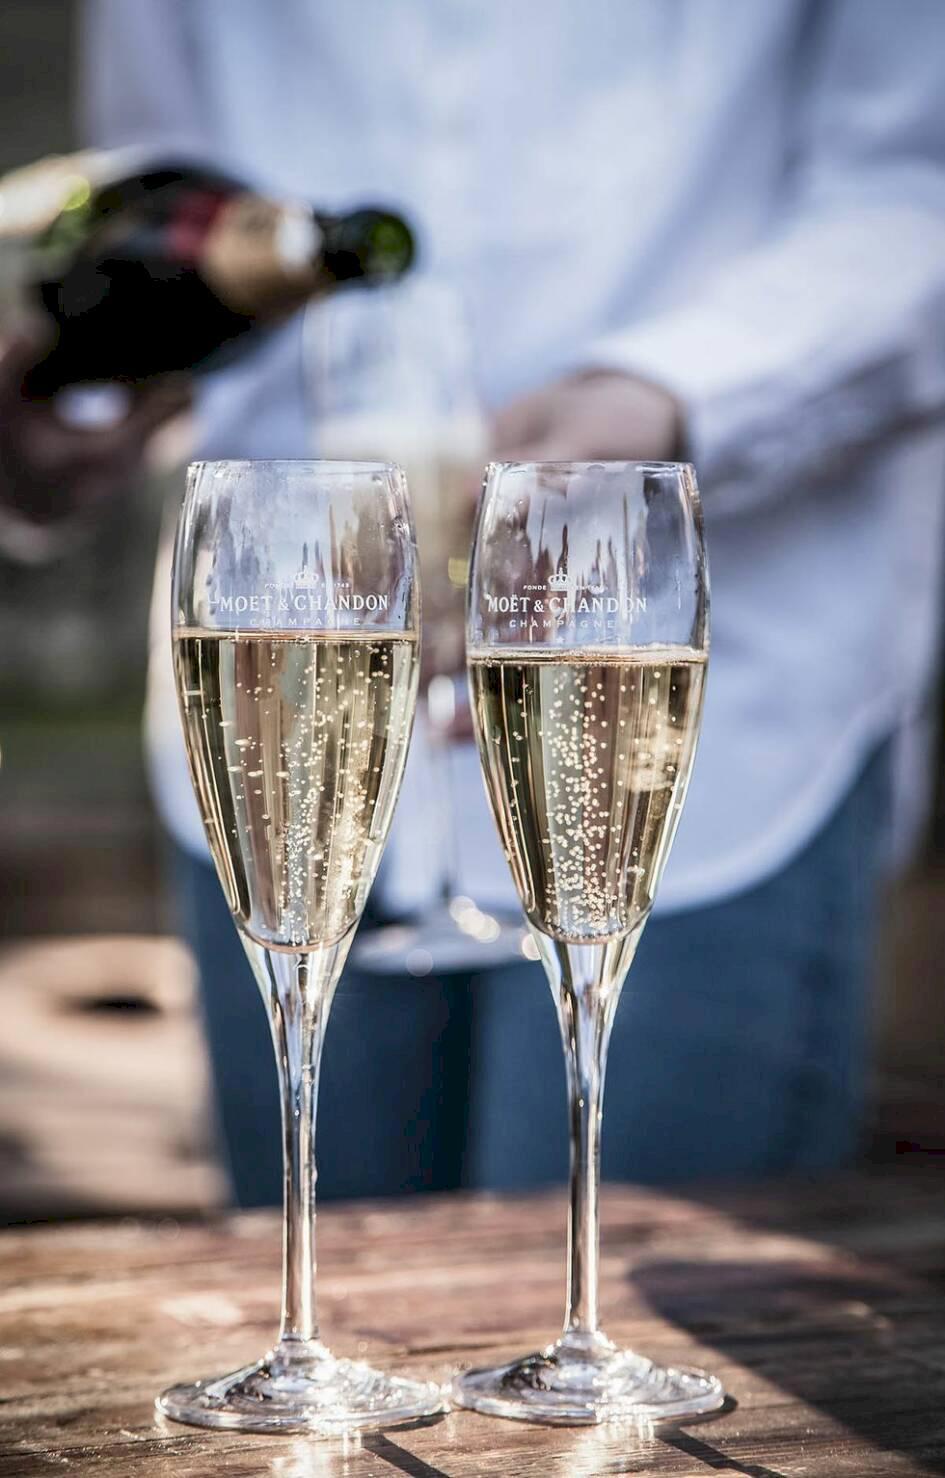 7 anledningar att besöka Champagne